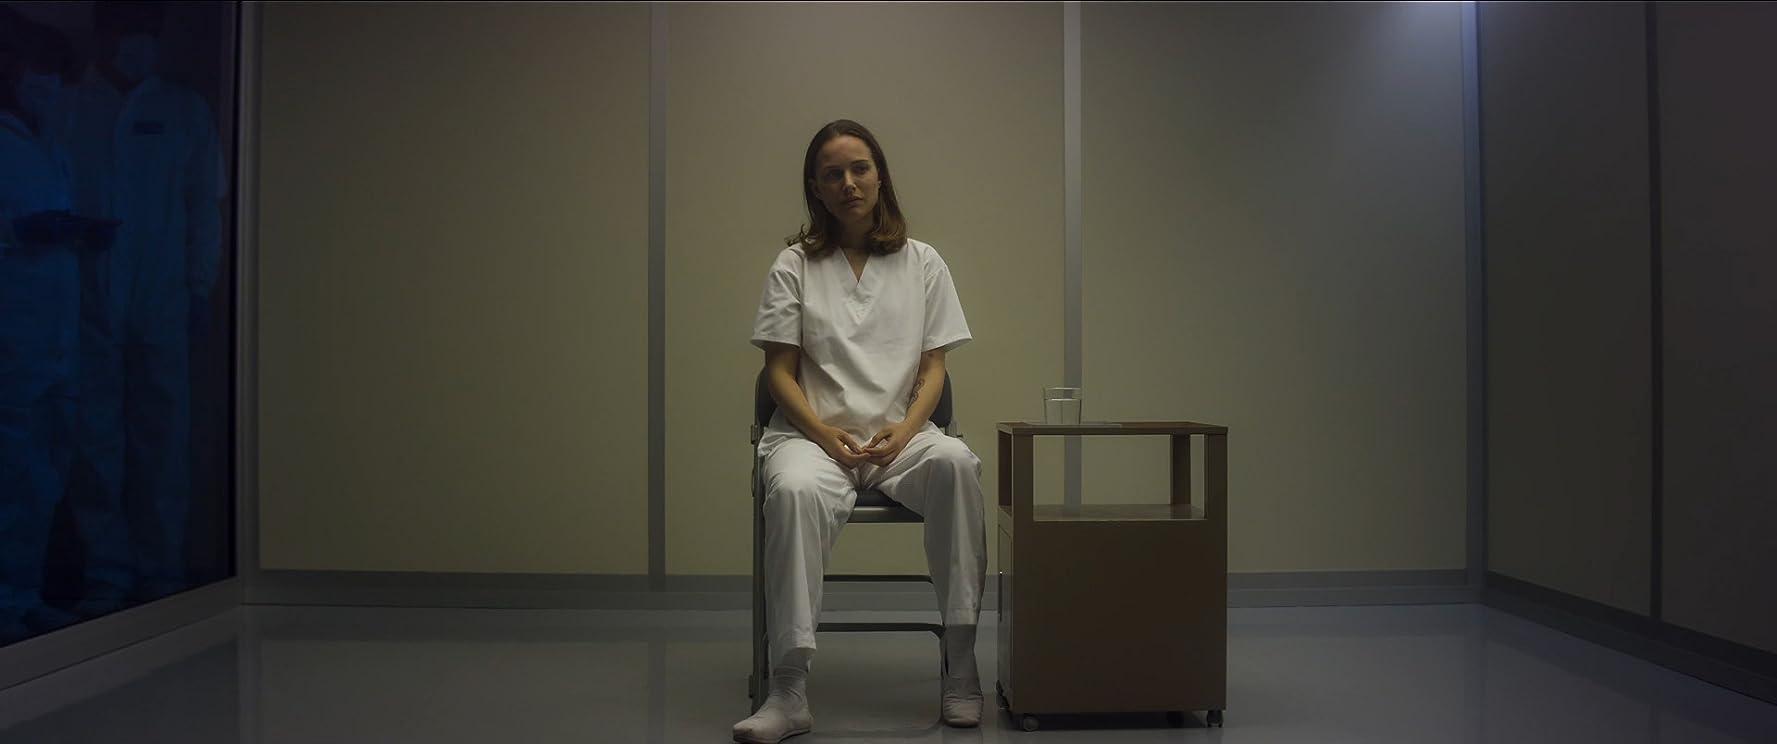 Natalie Portman in Annihilation (2018)